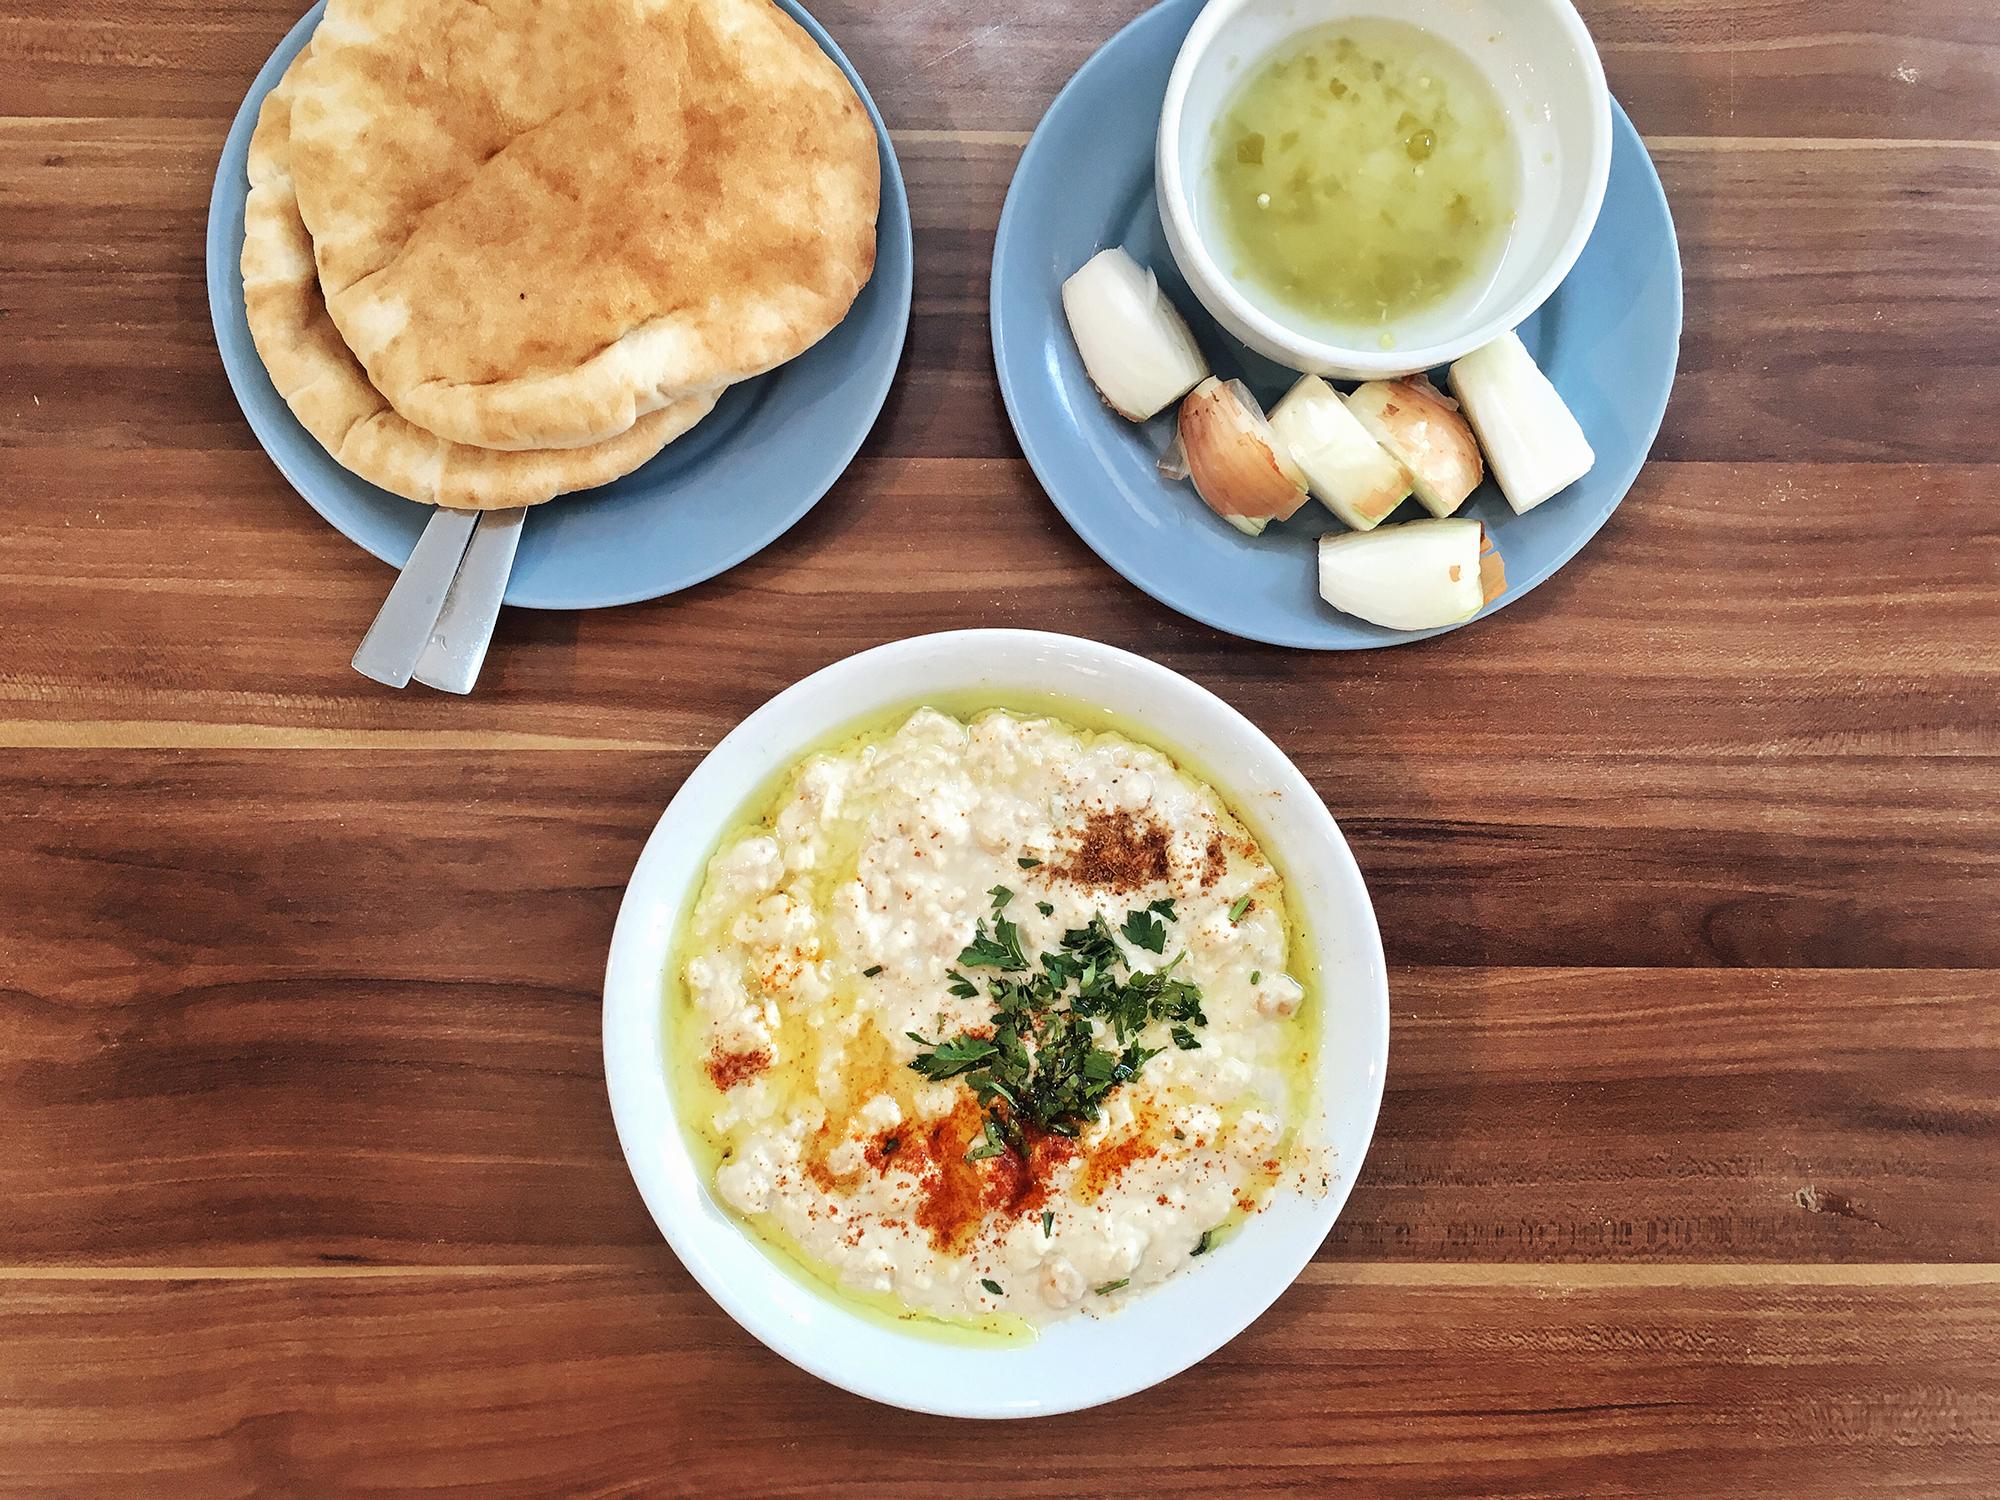 Tel Aviv vegetarian